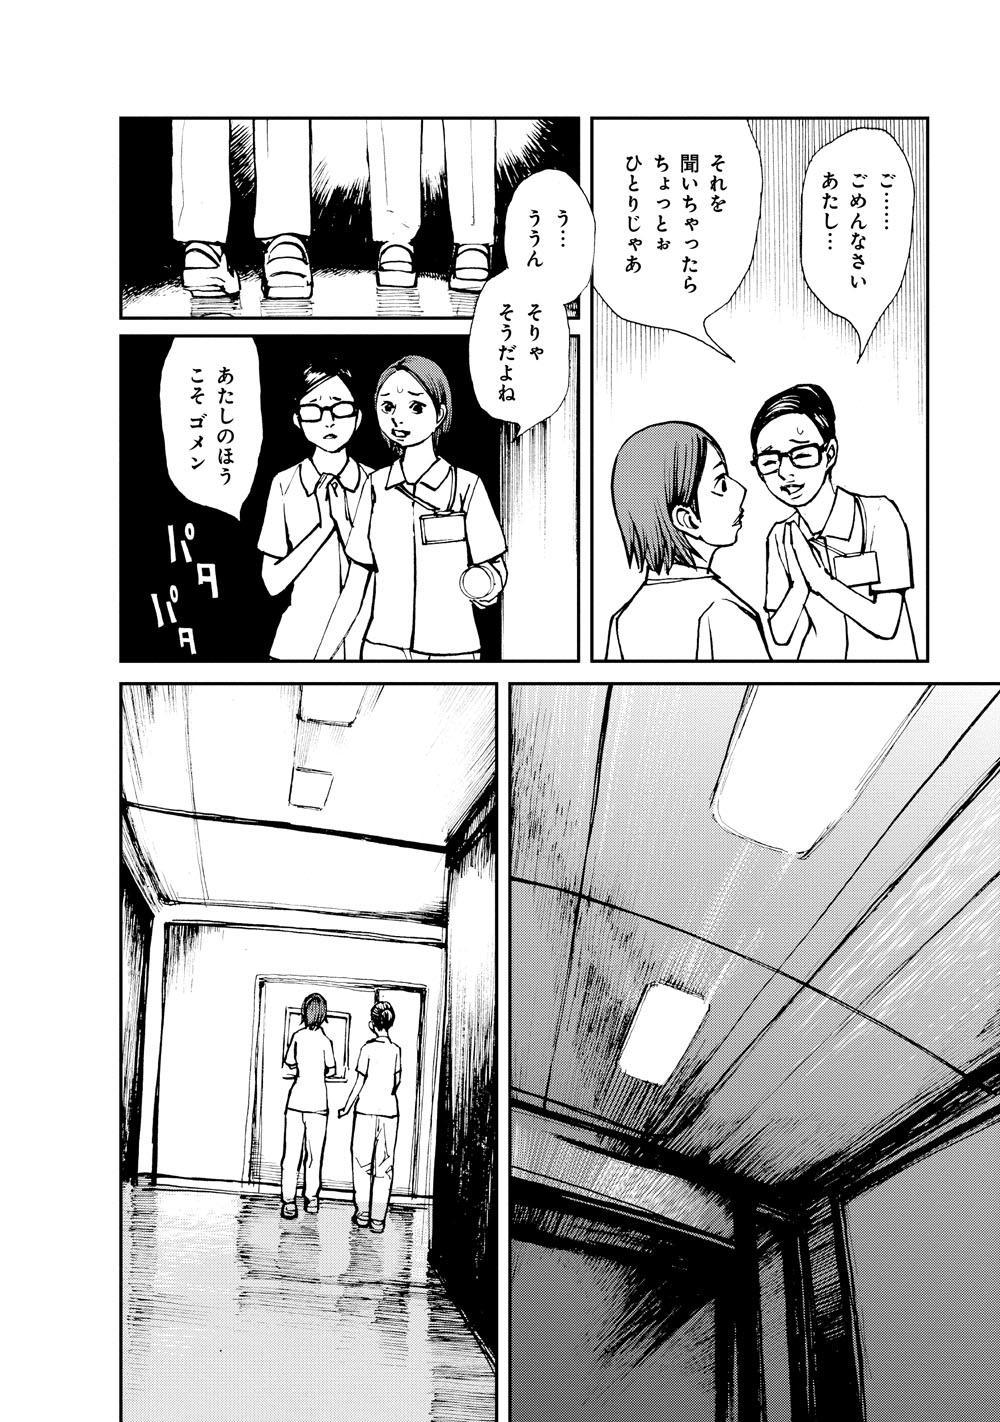 テレビ版_ほん怖_236.jpg